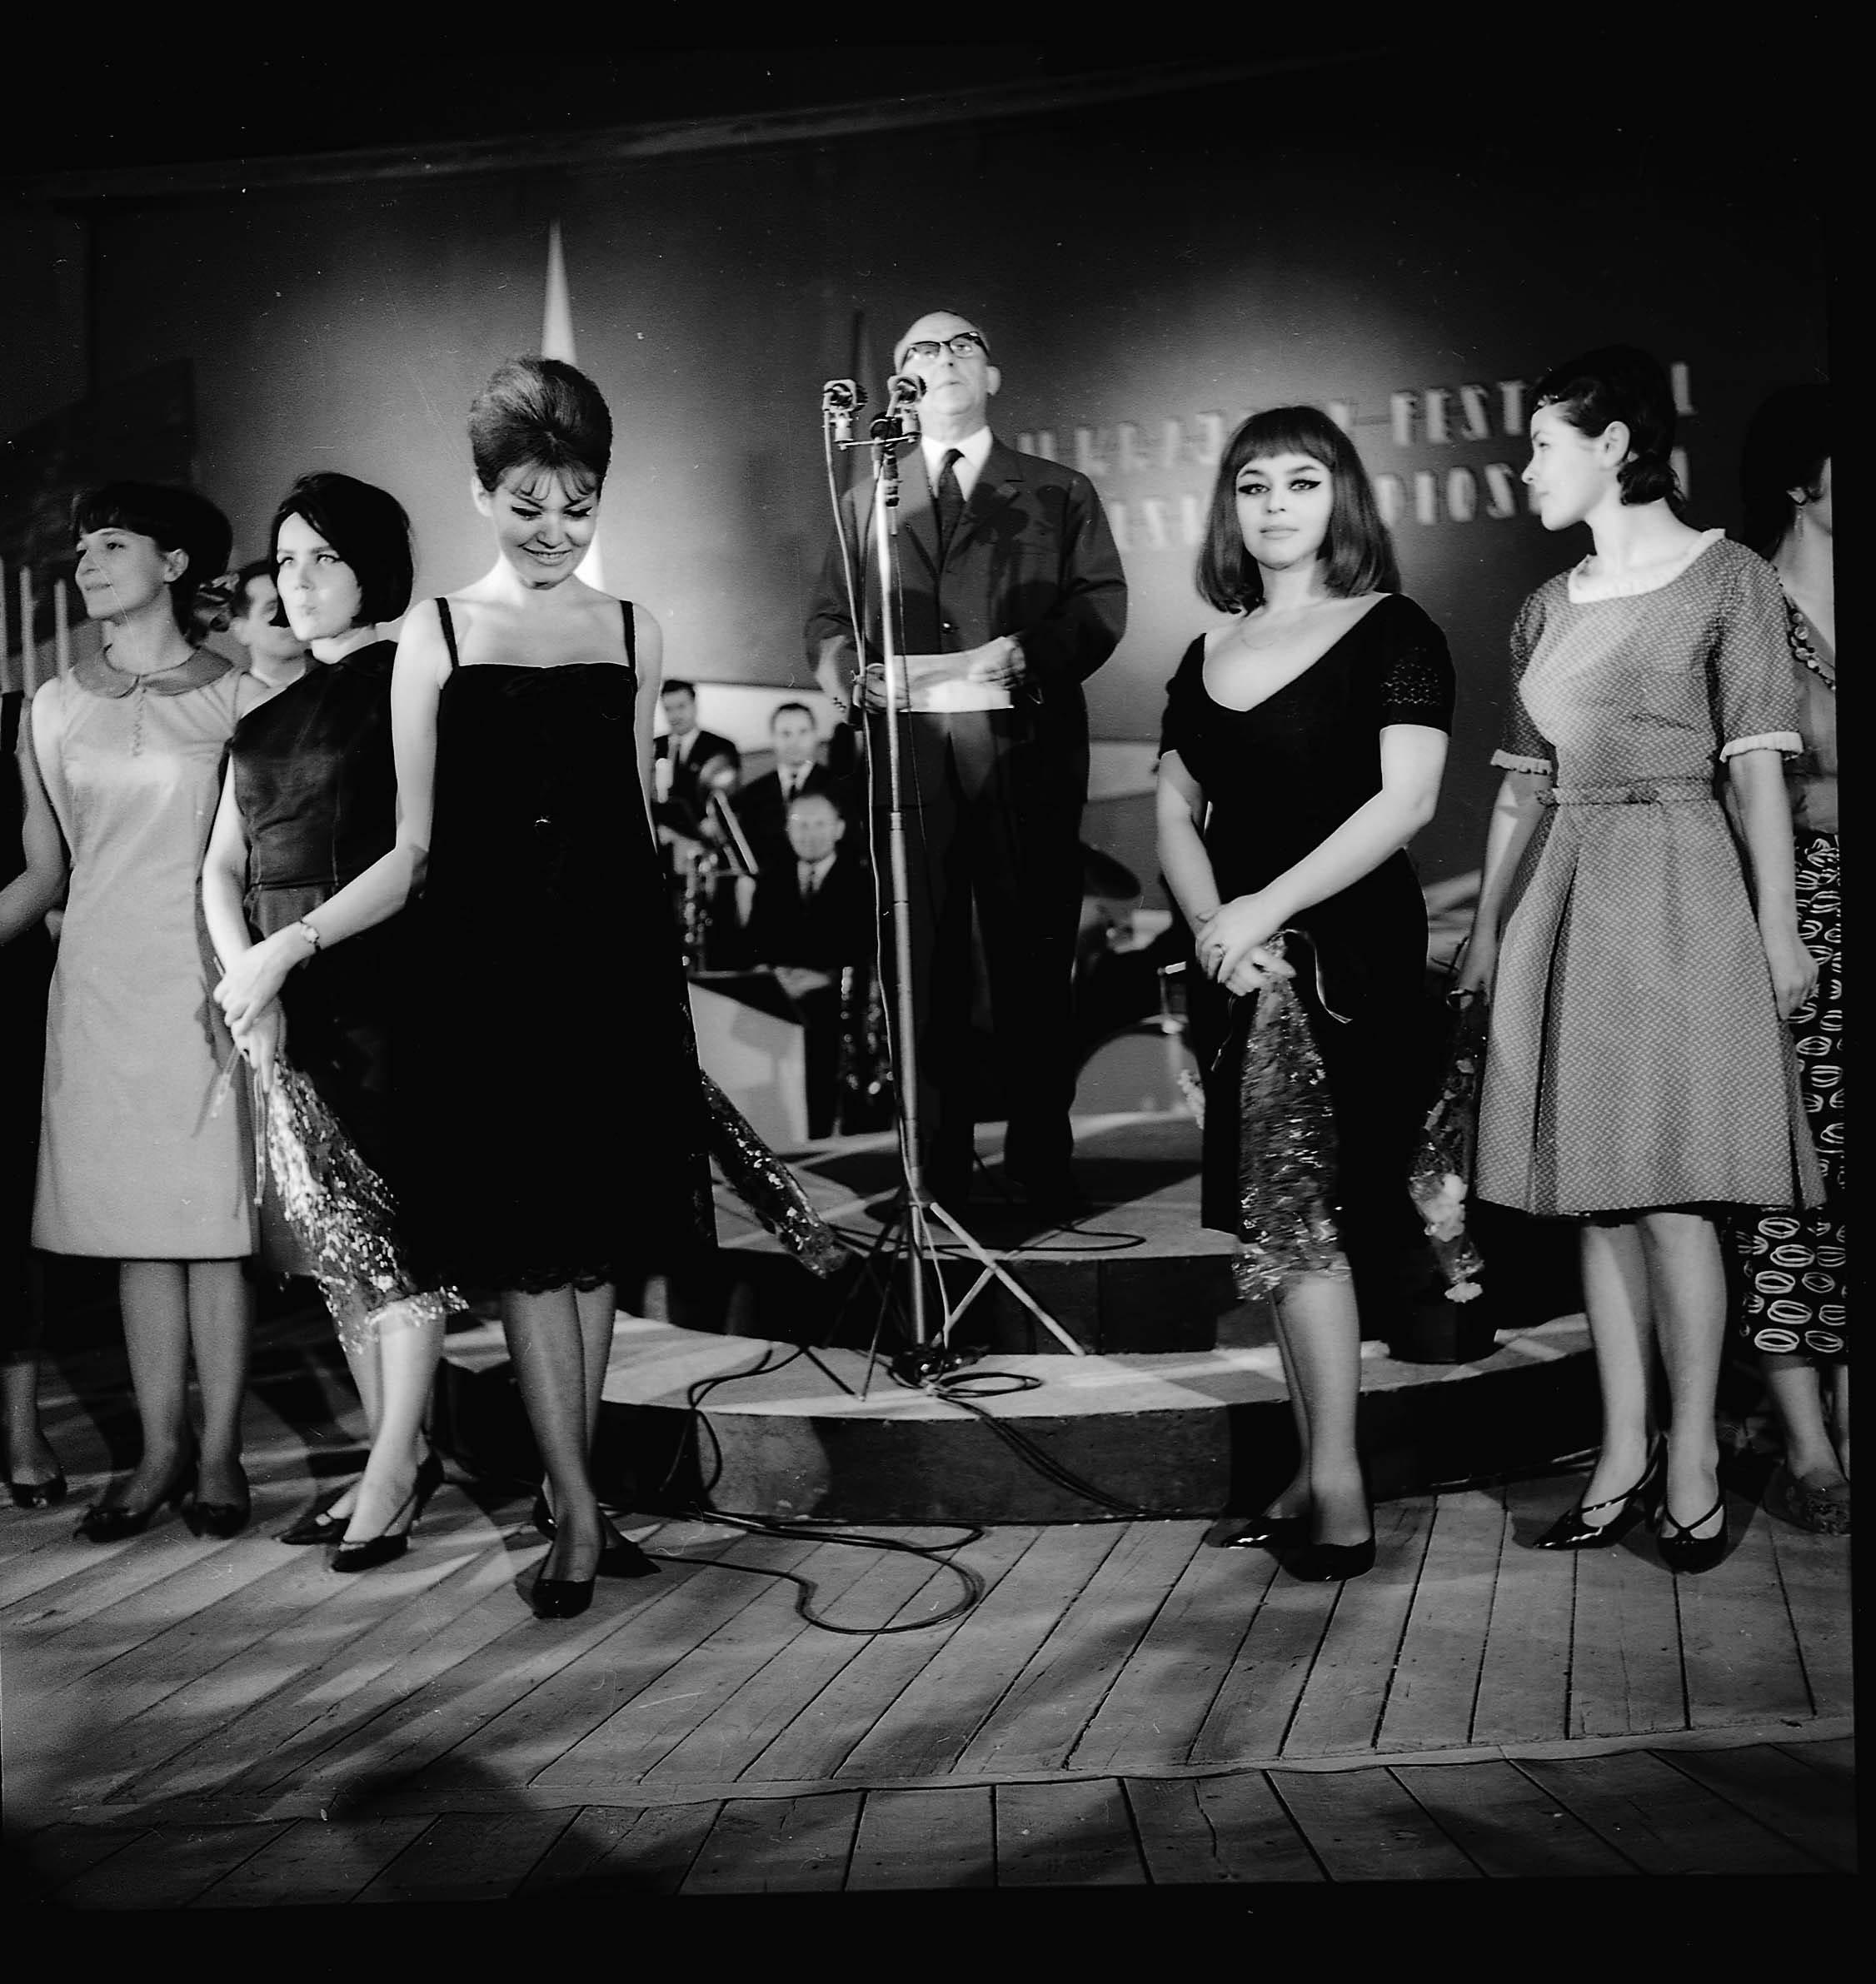 Festiwal Piosenki Polskiej w Opolu, 1969 r. Na pierwszym planie od lewej stoją: Iga Cembrzyńska, Kalina Jędrusik i Kasia Sobczyk (fot. Tadeusz Rolke / Agencja Gazeta)